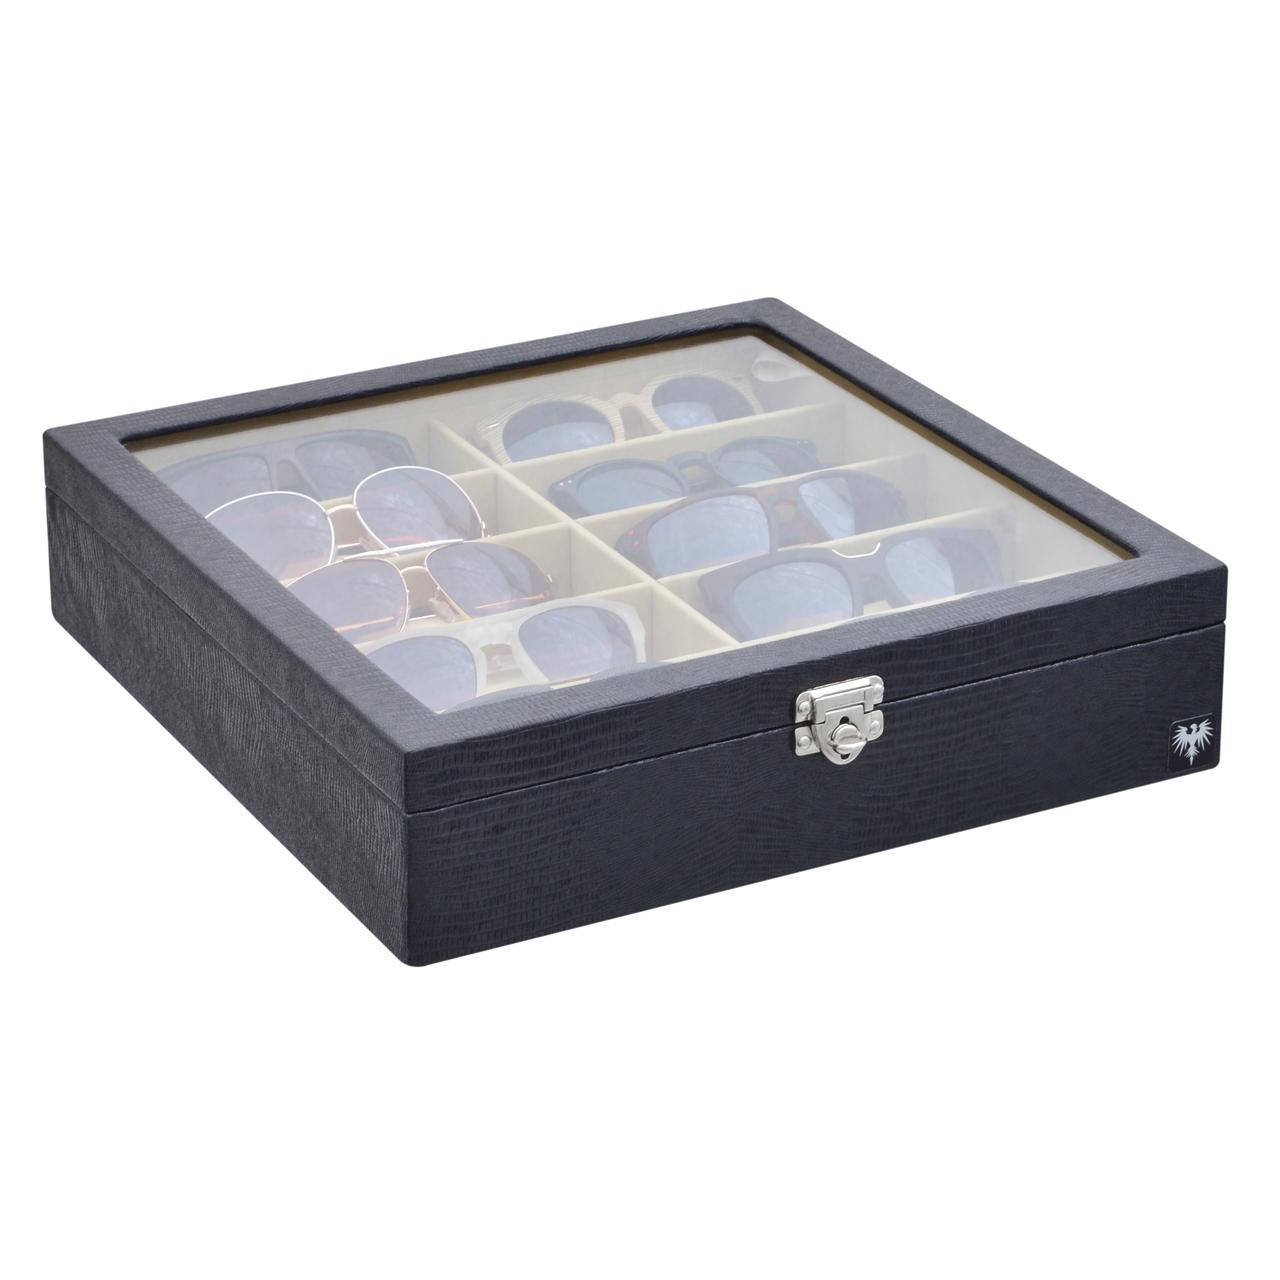 estojo-couro-ecologico-10-oculos-preto-bege-porta-caixa-imagem-5.jpg